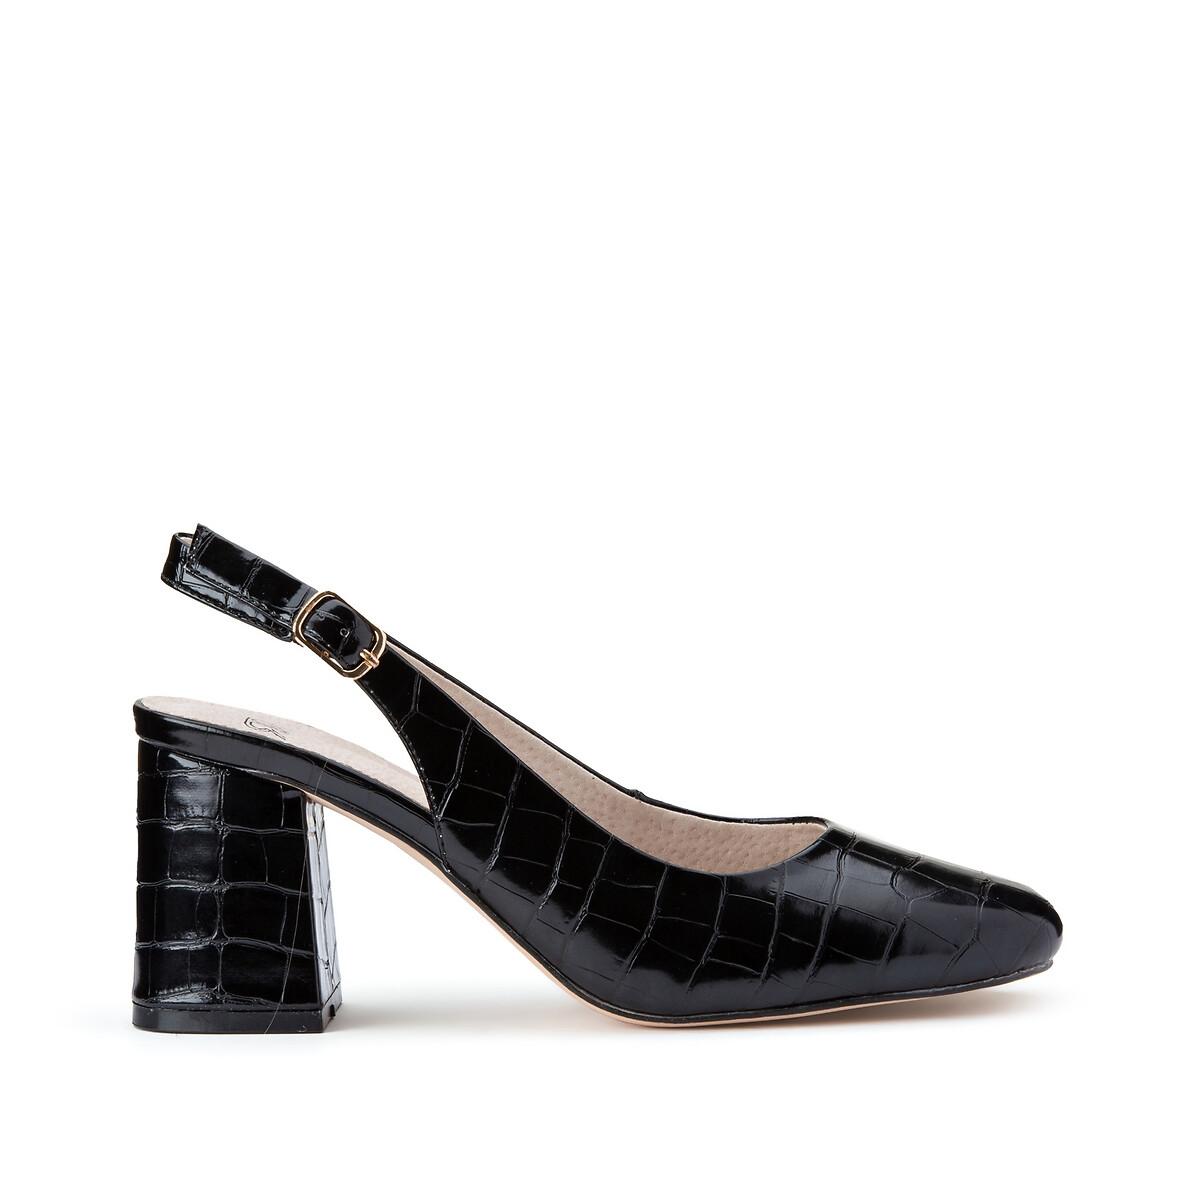 Туфли LaRedoute На широком каблуке под крокодиловую кожу 39 черный